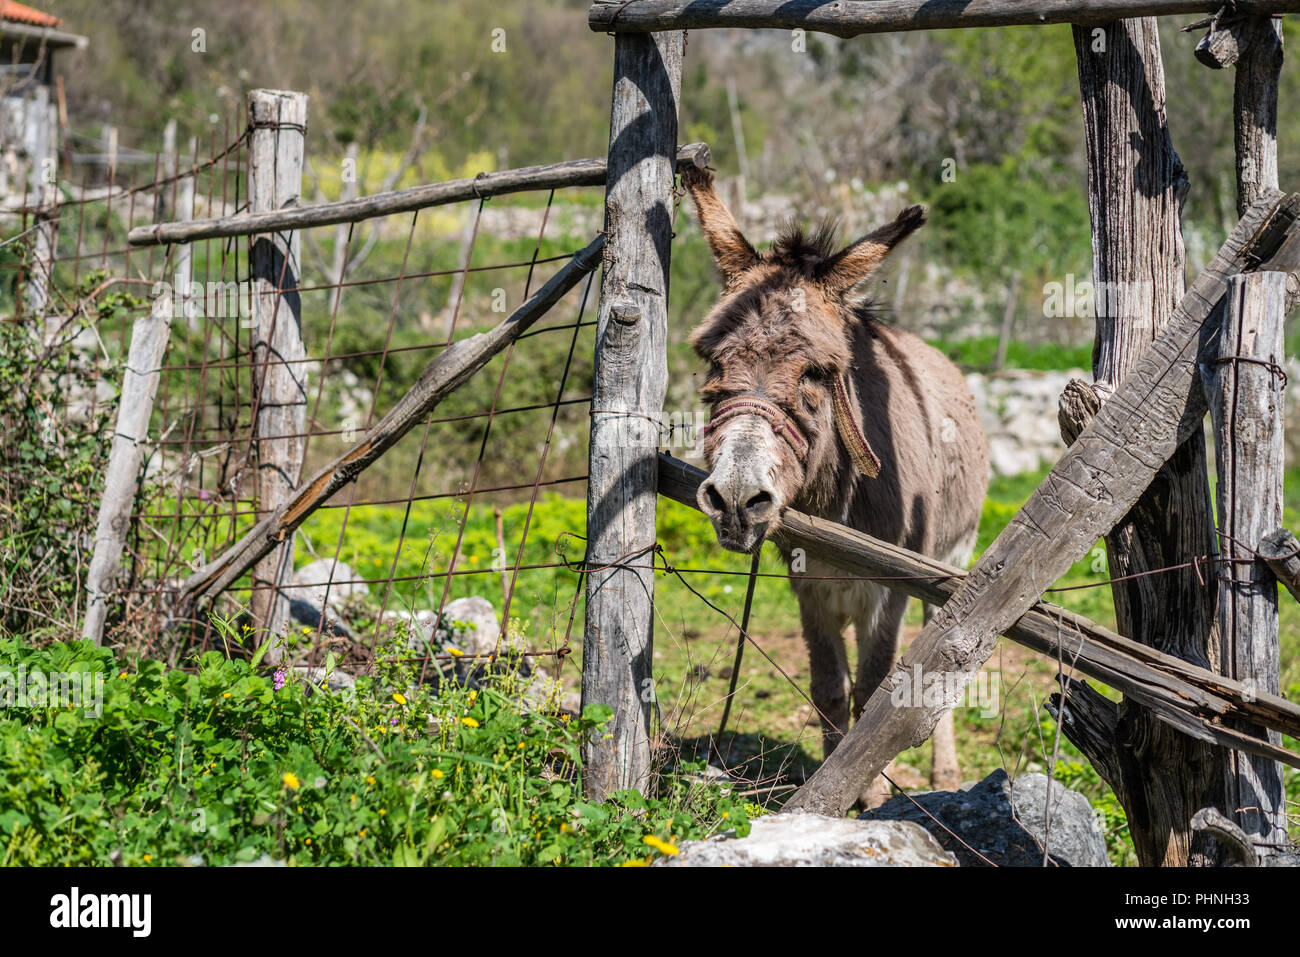 Small sad donkey on a farm - Stock Image